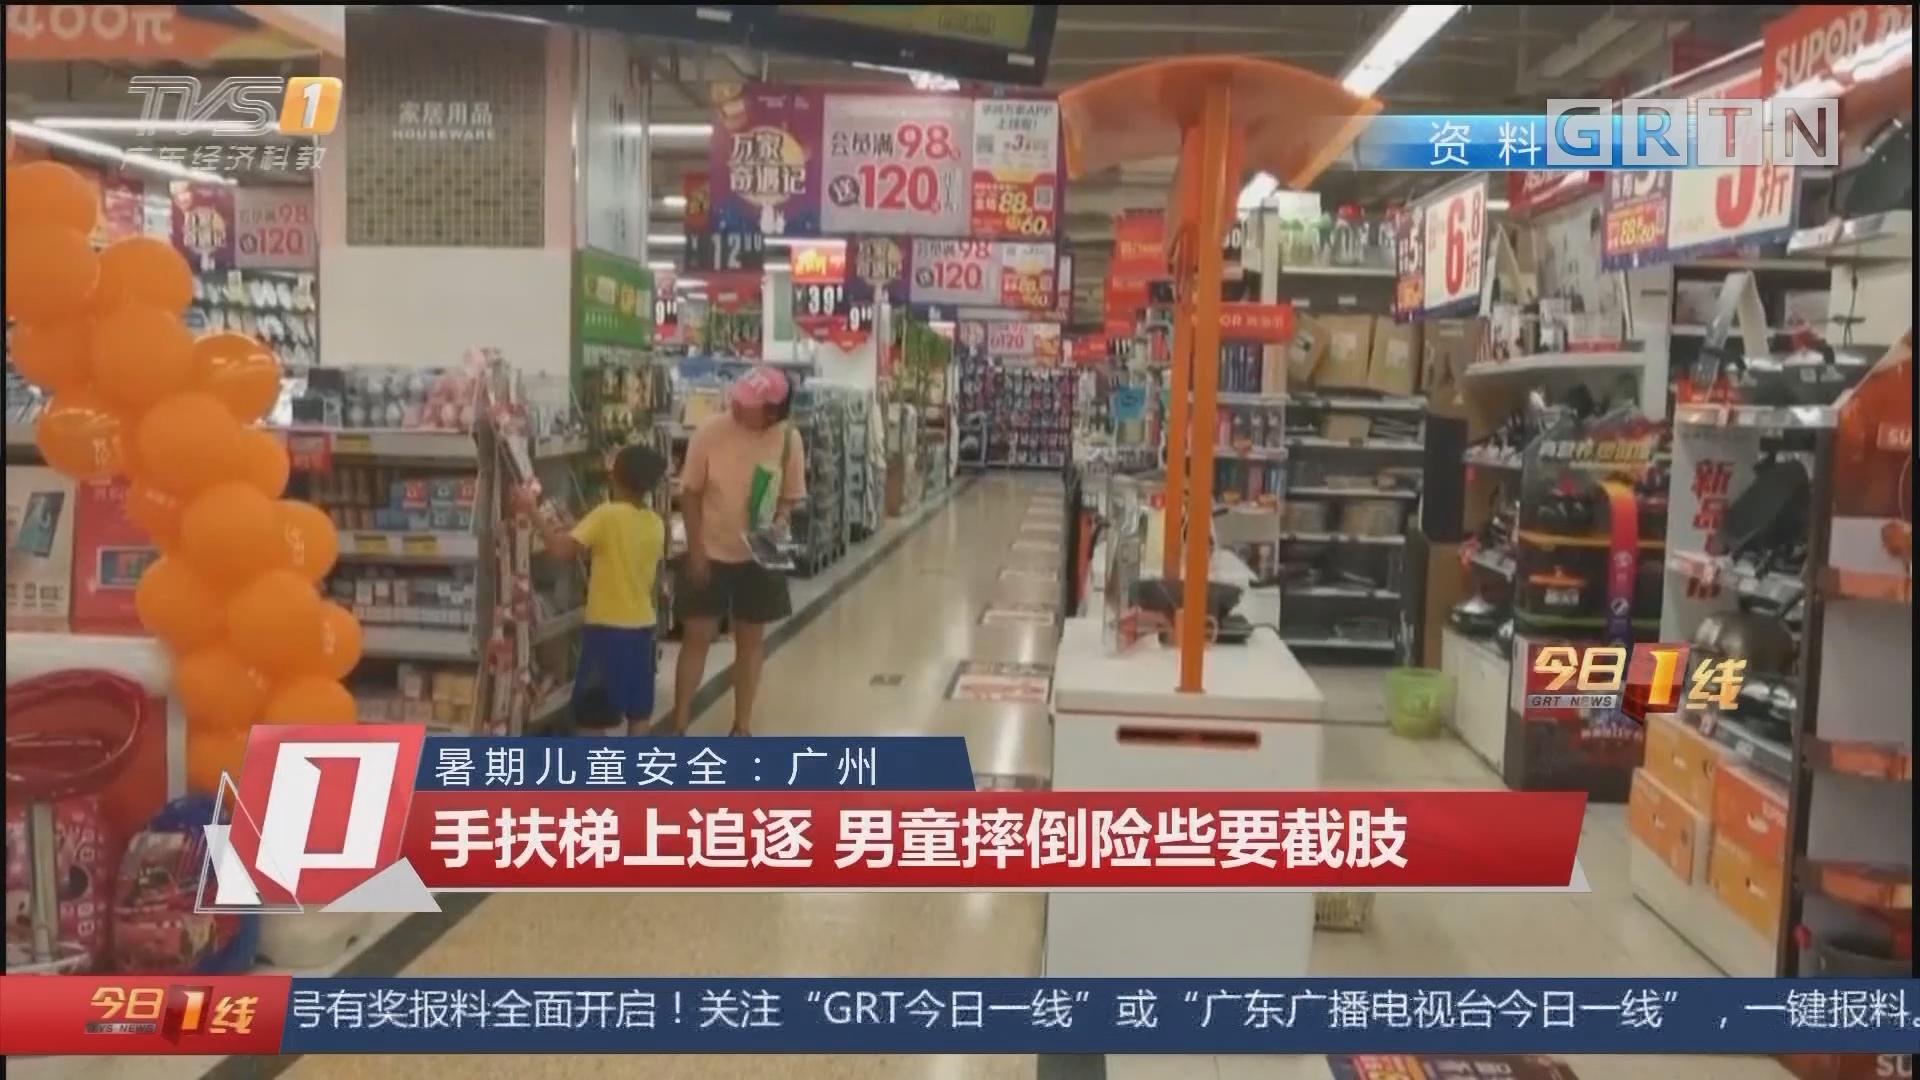 暑期儿童安全:广州 手扶梯上追逐 男童摔倒险些要截肢